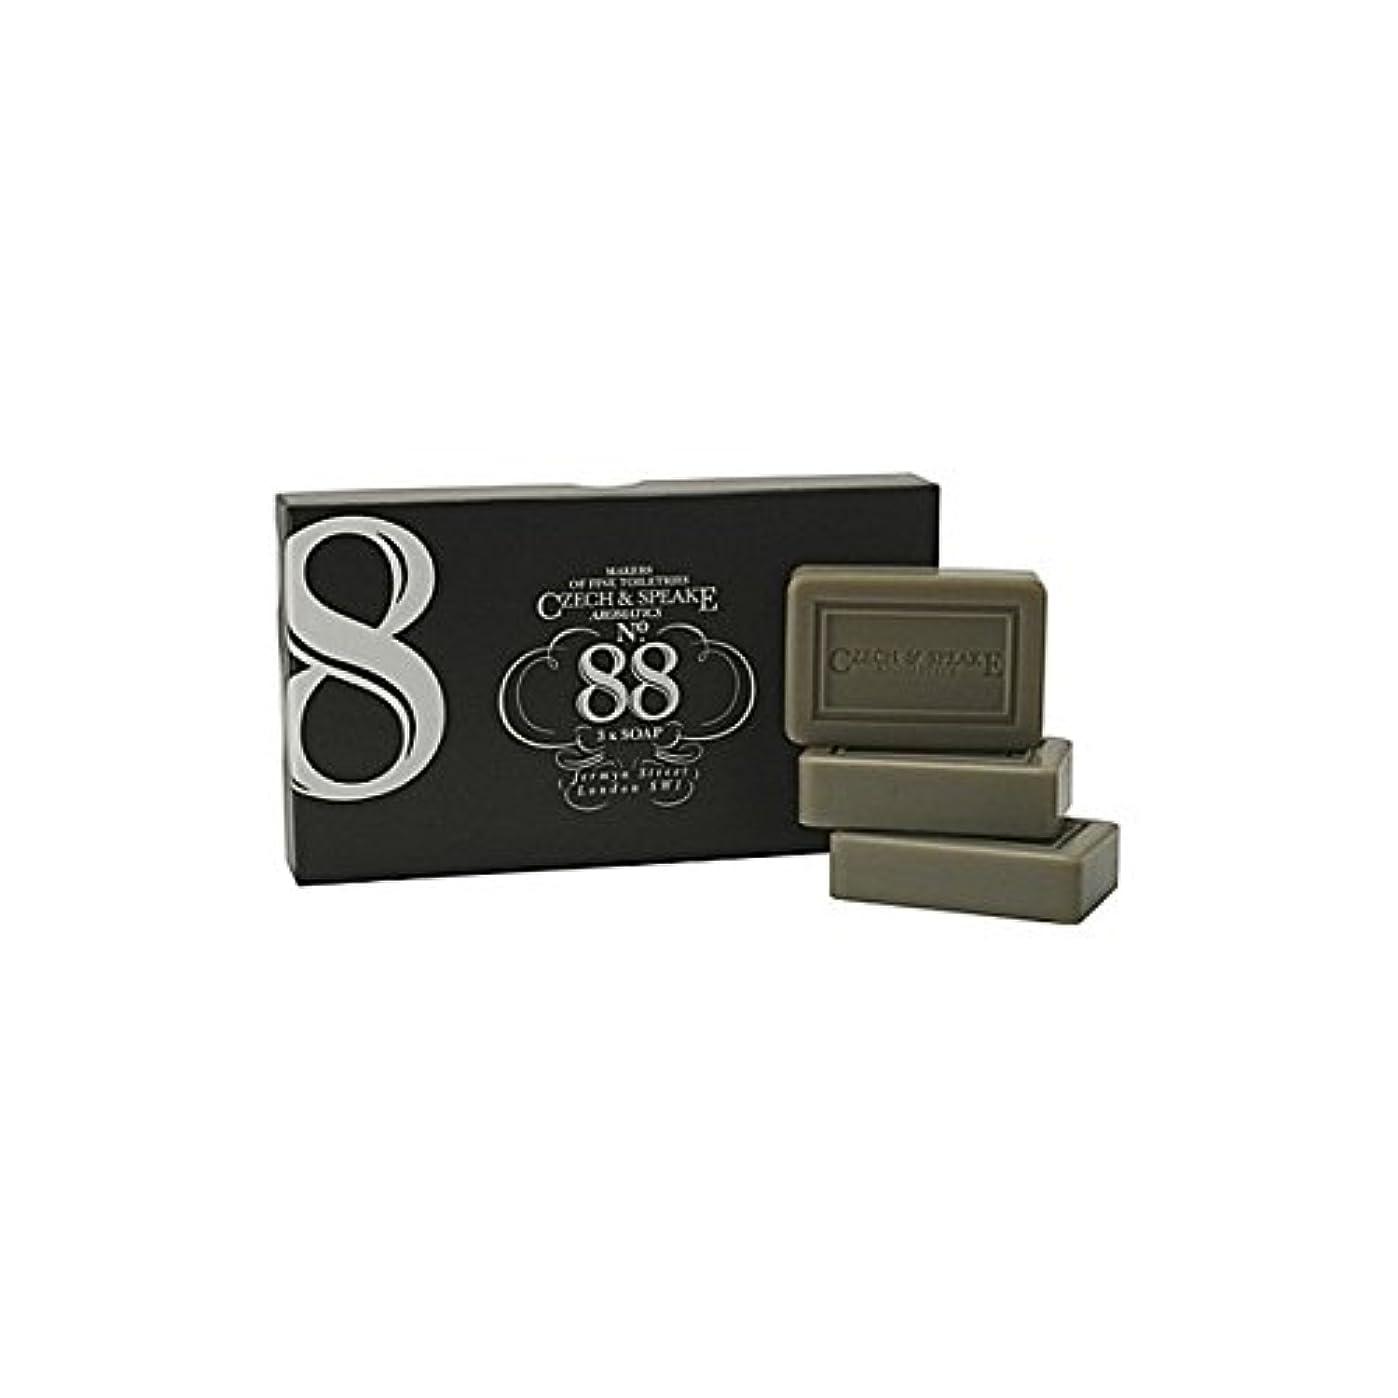 ウガンダコスチューム書士チェコ&スピーク.88ソープセット x2 - Czech & Speake No.88 Soap Set (Pack of 2) [並行輸入品]